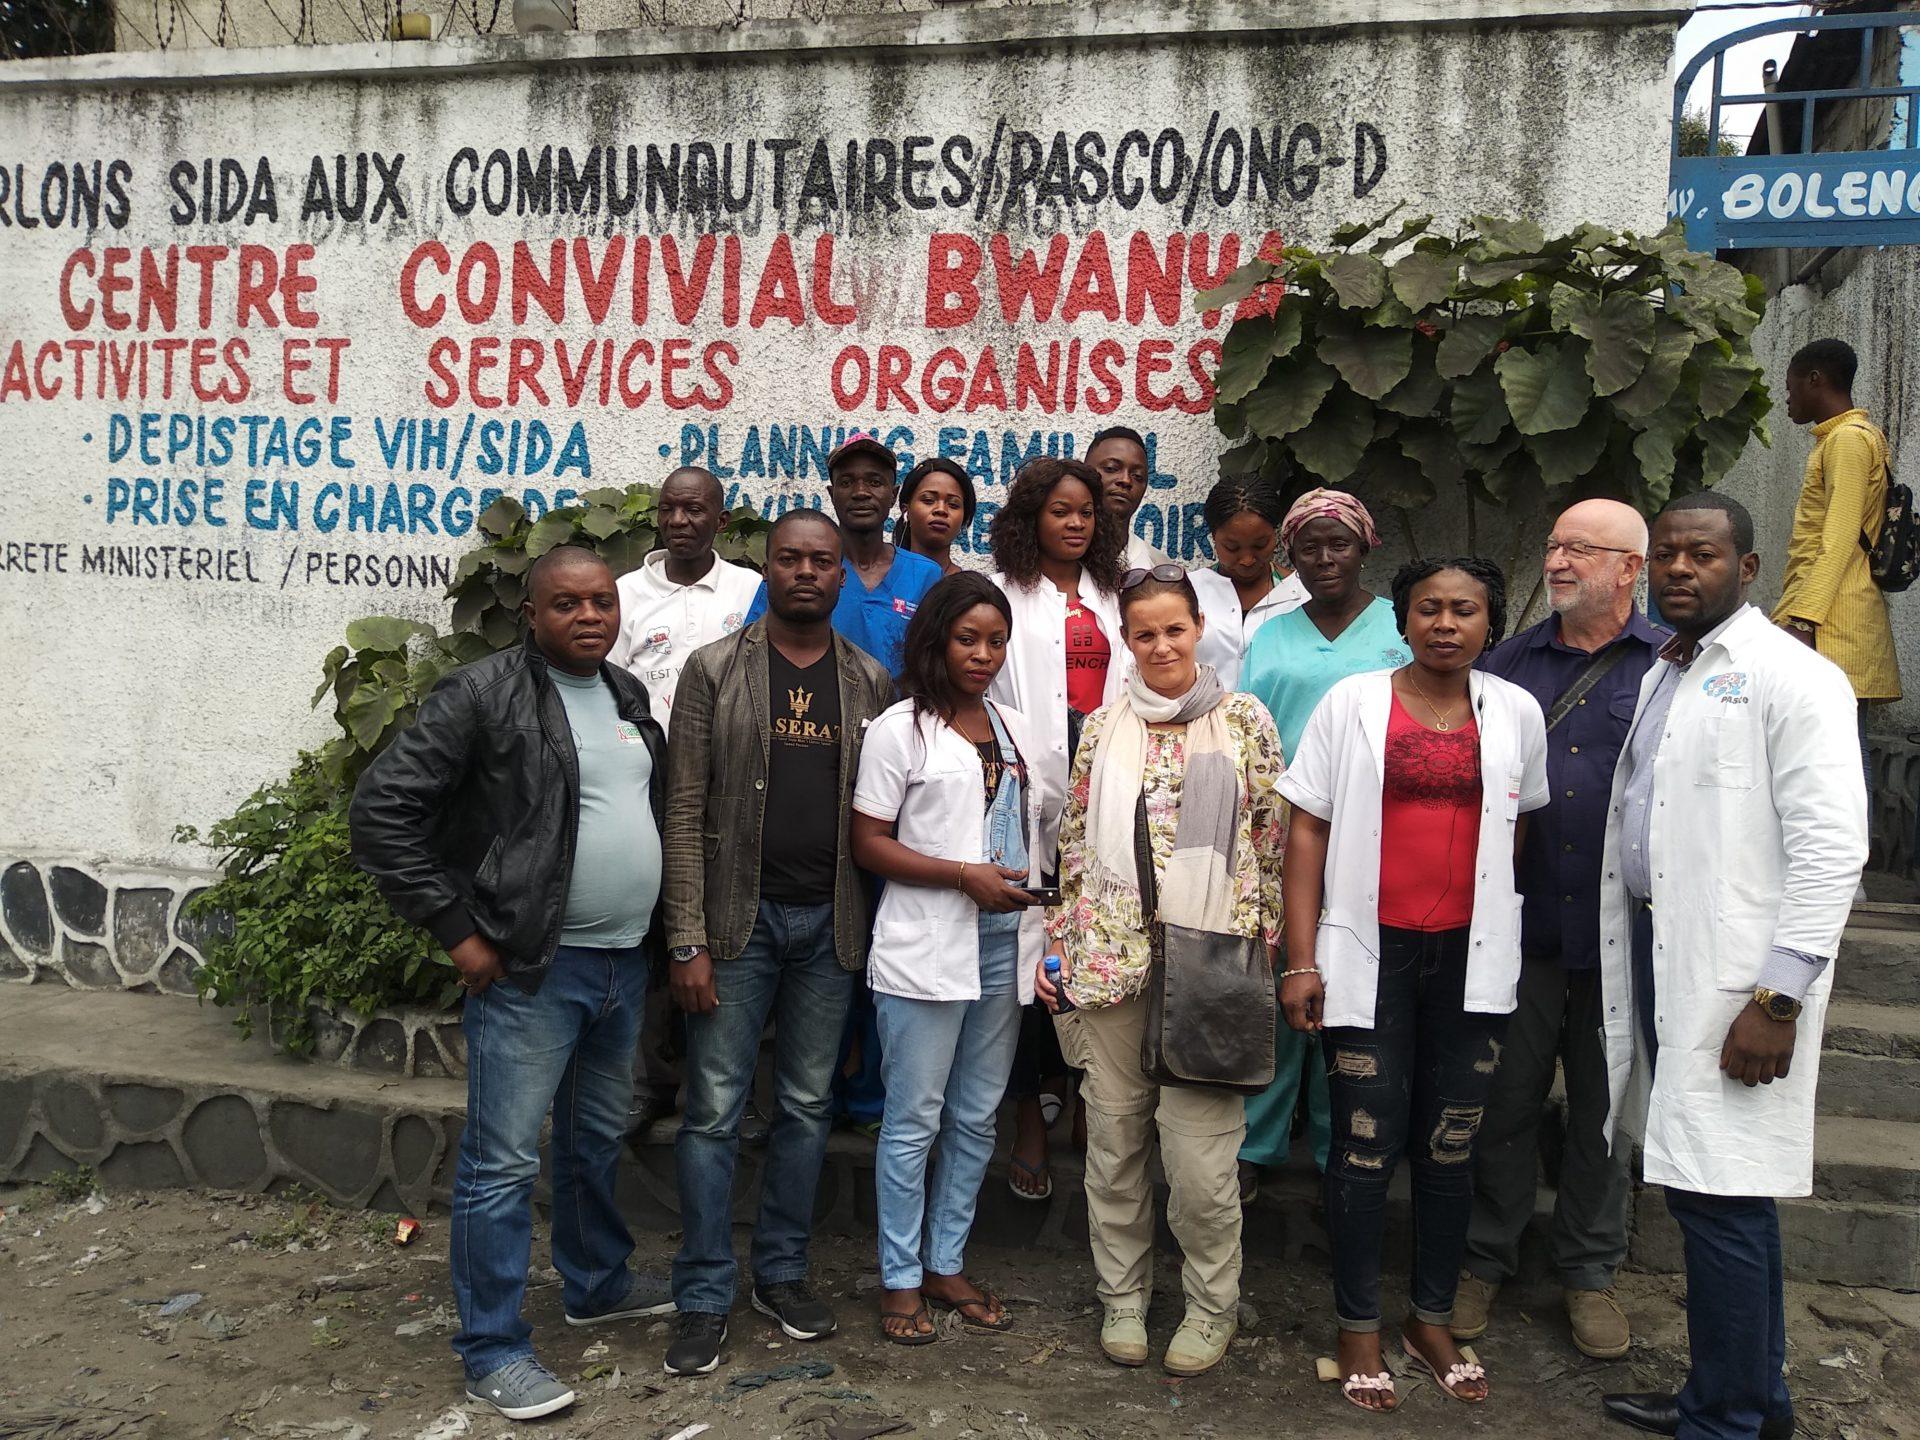 Masina - Centre de santé Pasco avec l'équipe du centre